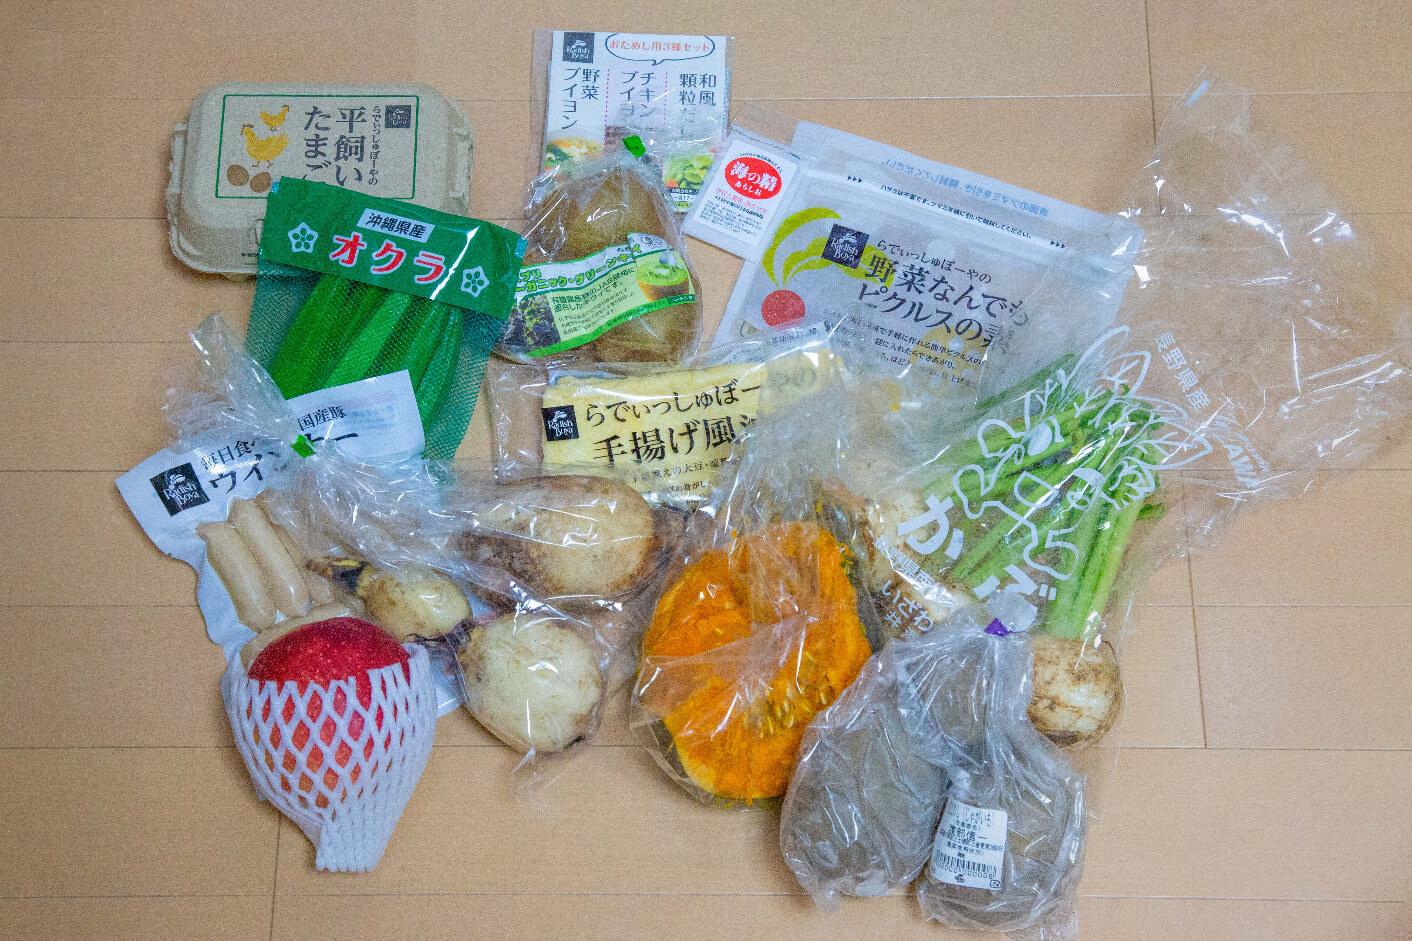 らでぃっしゅぼーやから届いた野菜